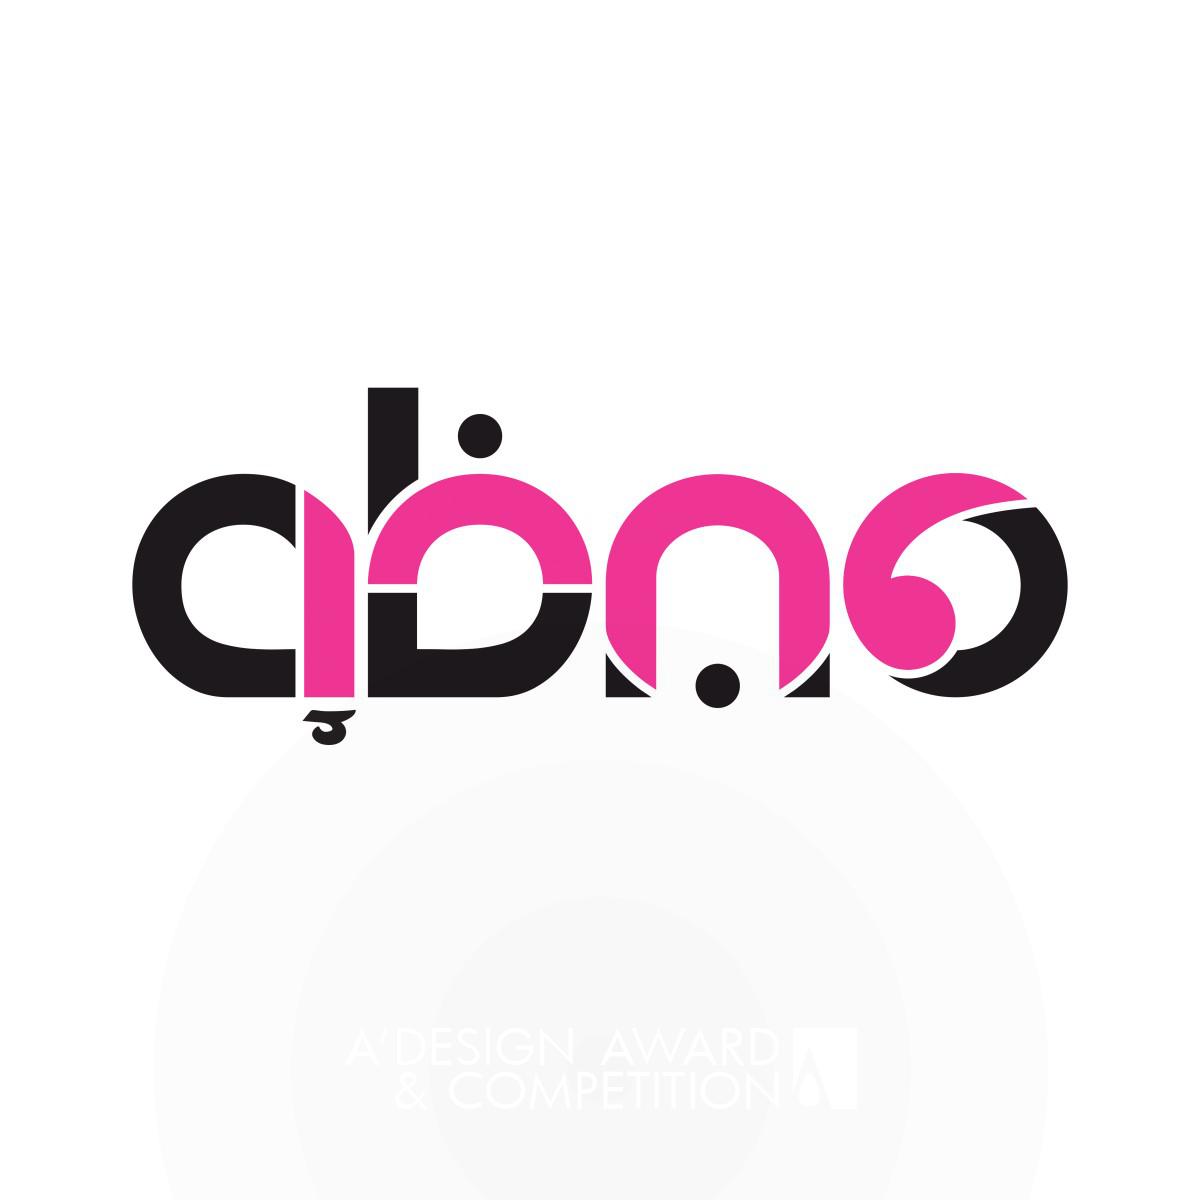 Abno Brand Identity